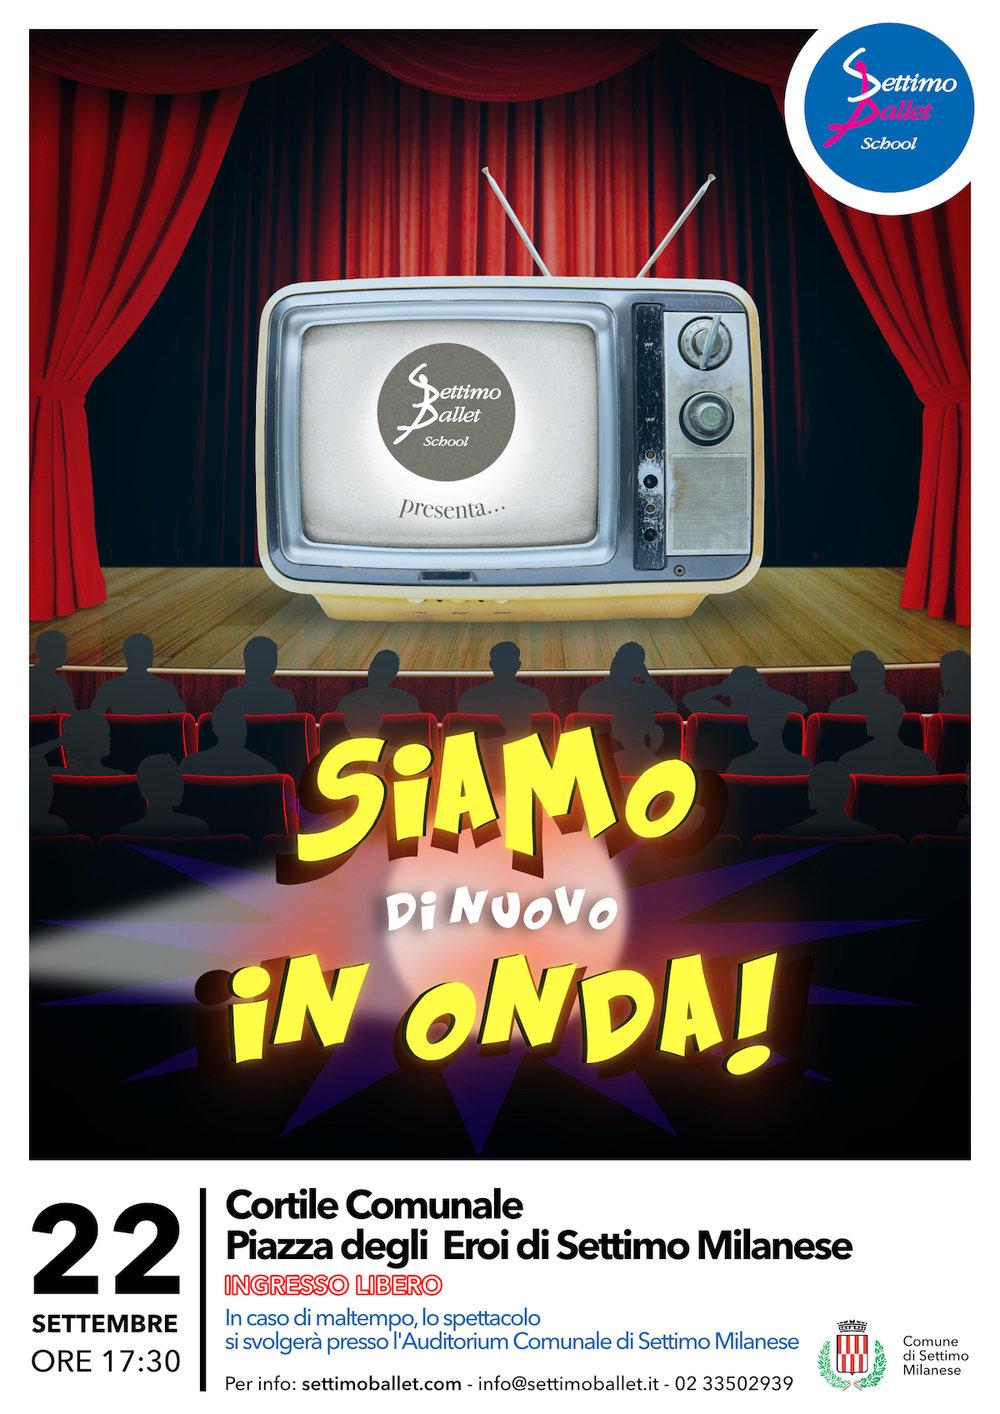 Siamo di nuovo in onda! - Vieni a vedere la seconda data dello spettacolo che è stato presentato al teatro Nazionale di Milano.Ti aspettiamo in Piazza degli Eroi a Settimo Milanese.22 settembre - Ore 17:30INGRESSO GRATUITO!